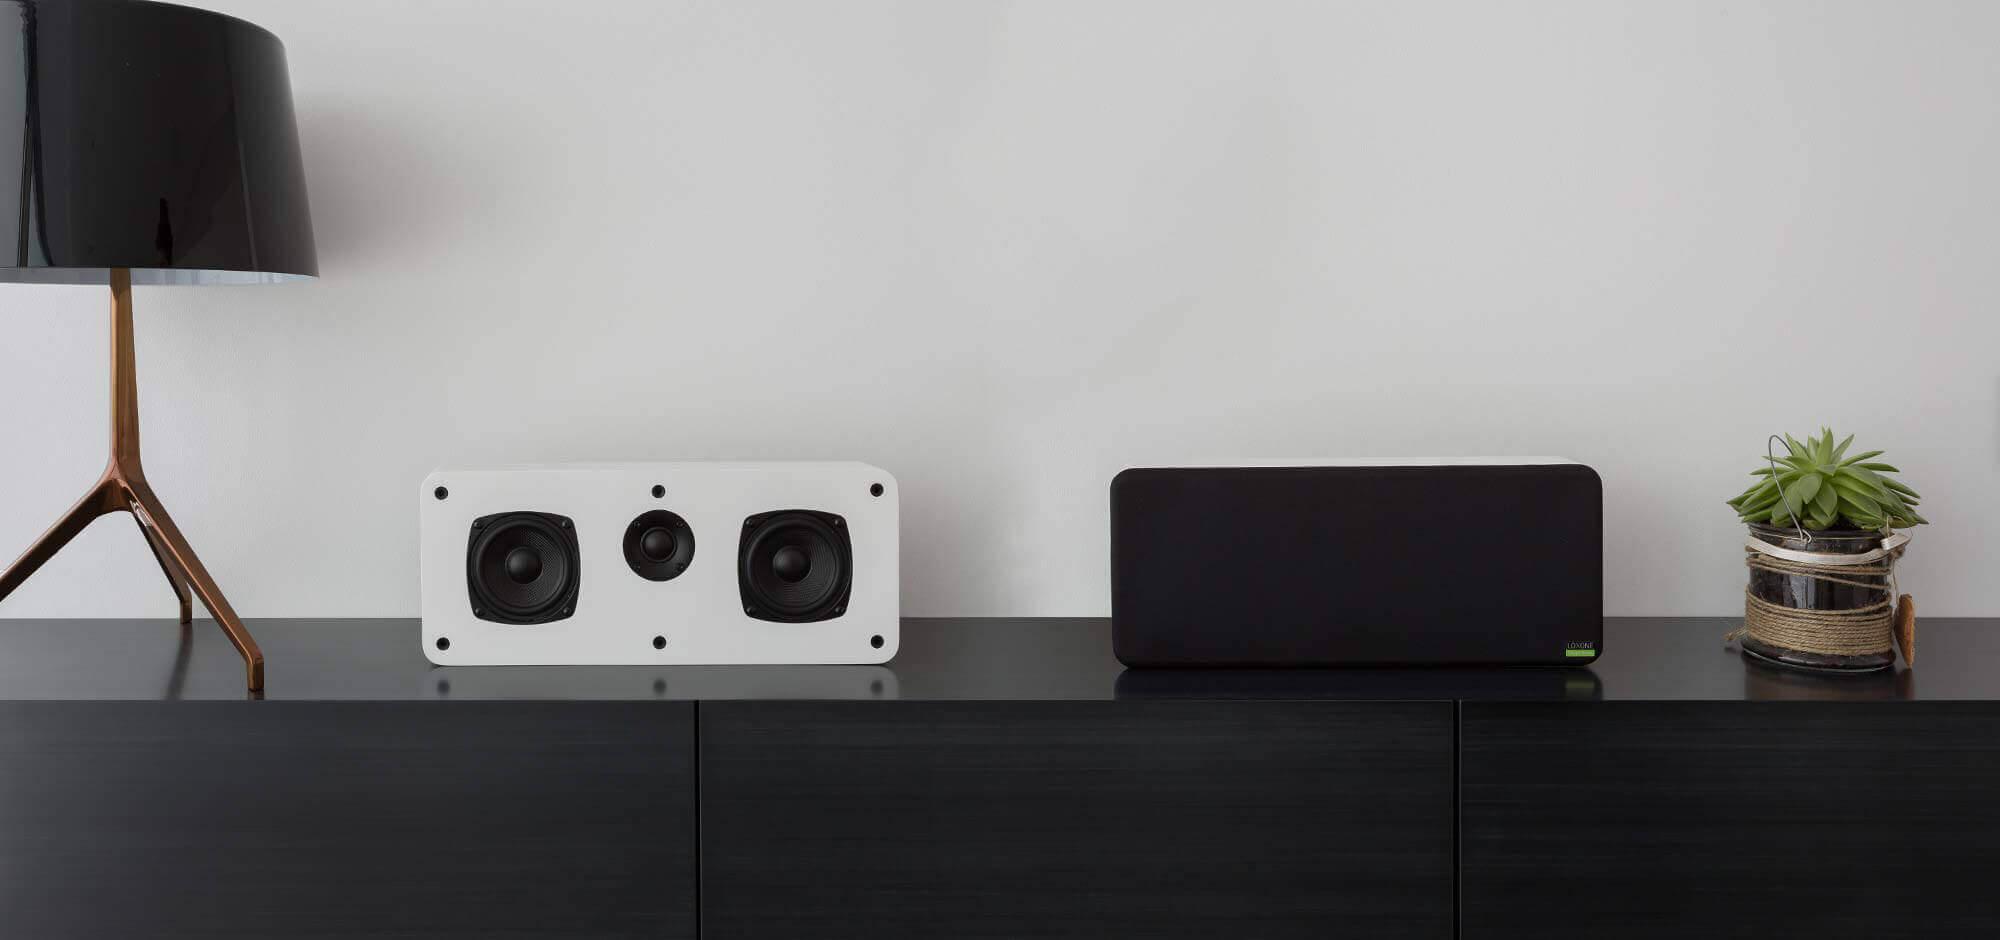 Czarna półka na której stoją dwa głośniki Wall Speaker